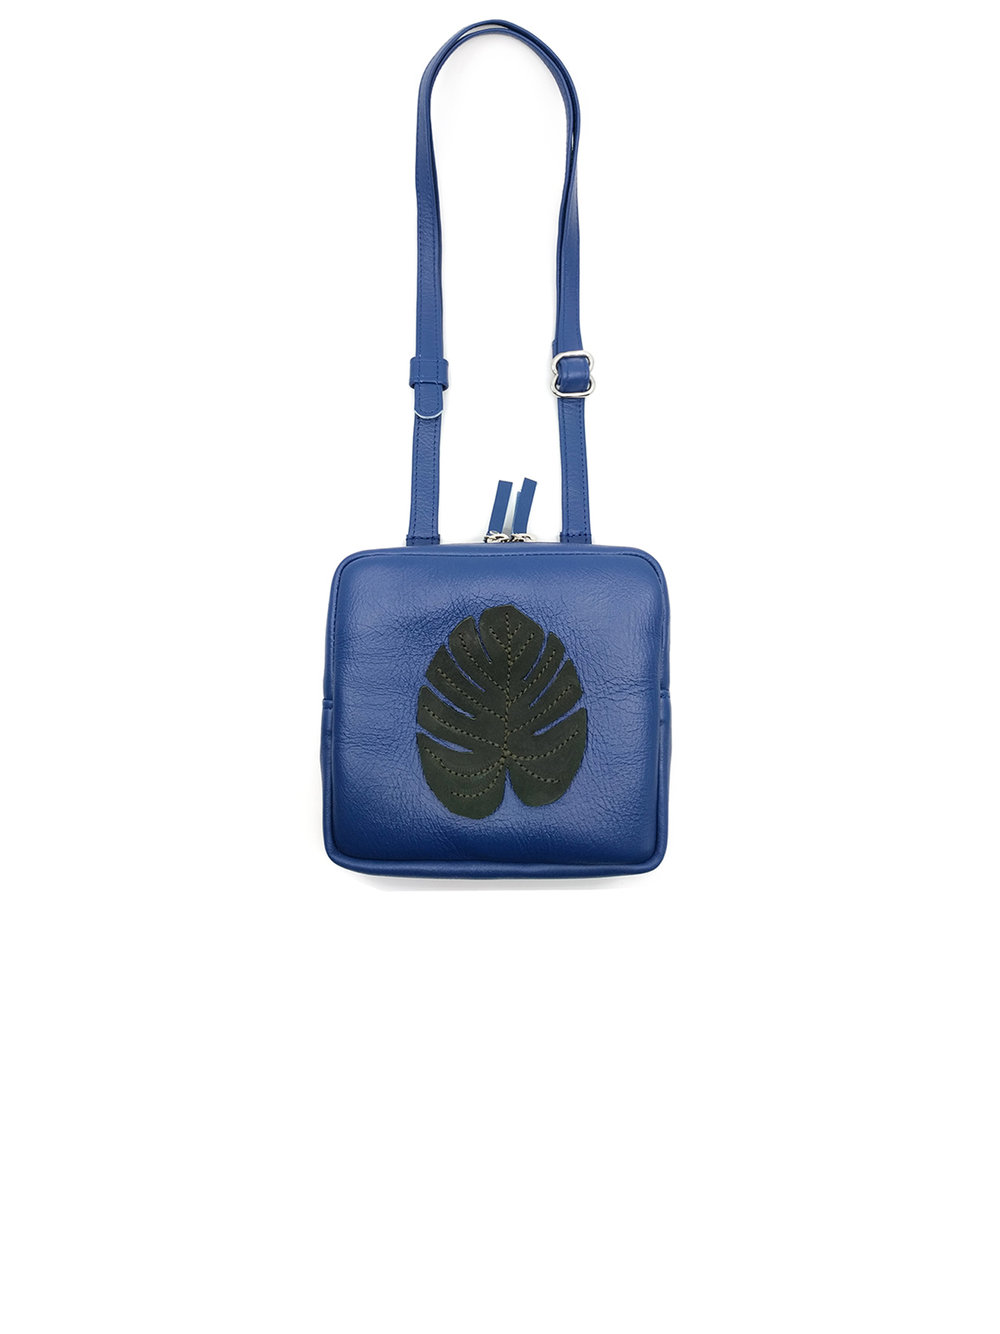 Mini sac à main appliqué Feuille - plusieurs couleurs disponibles150.00$